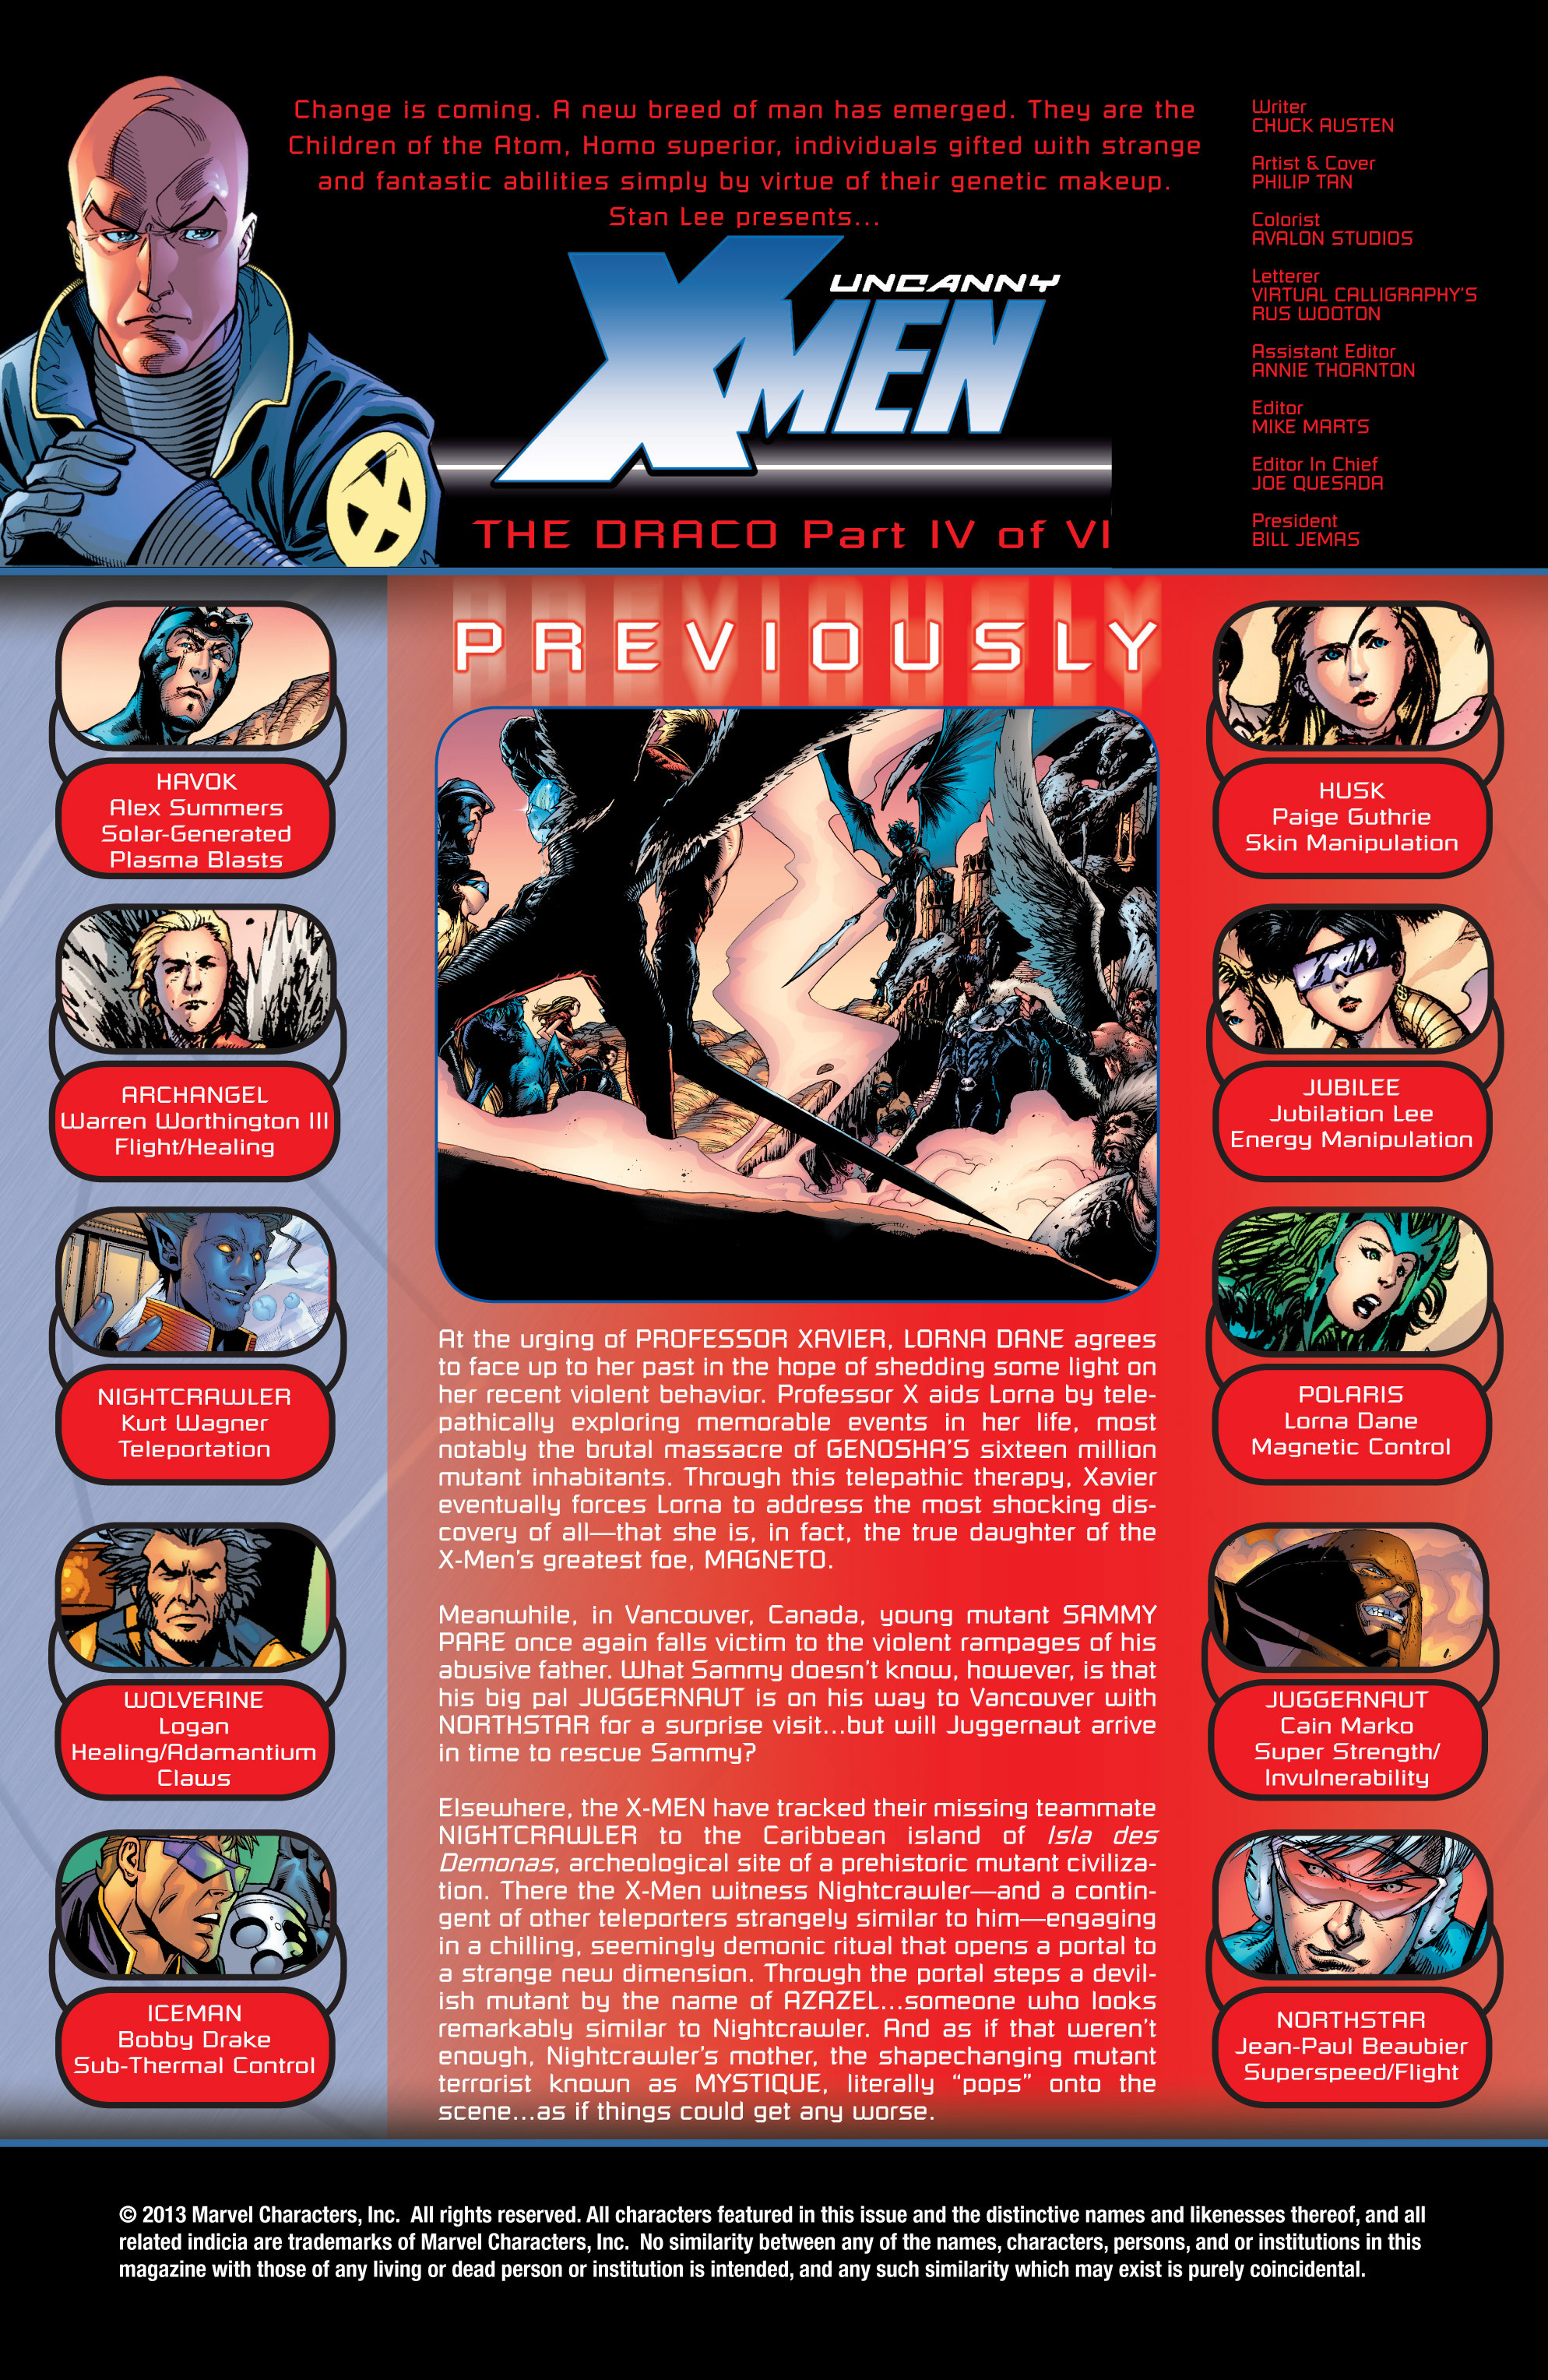 Read online Uncanny X-Men (1963) comic -  Issue #432 - 2